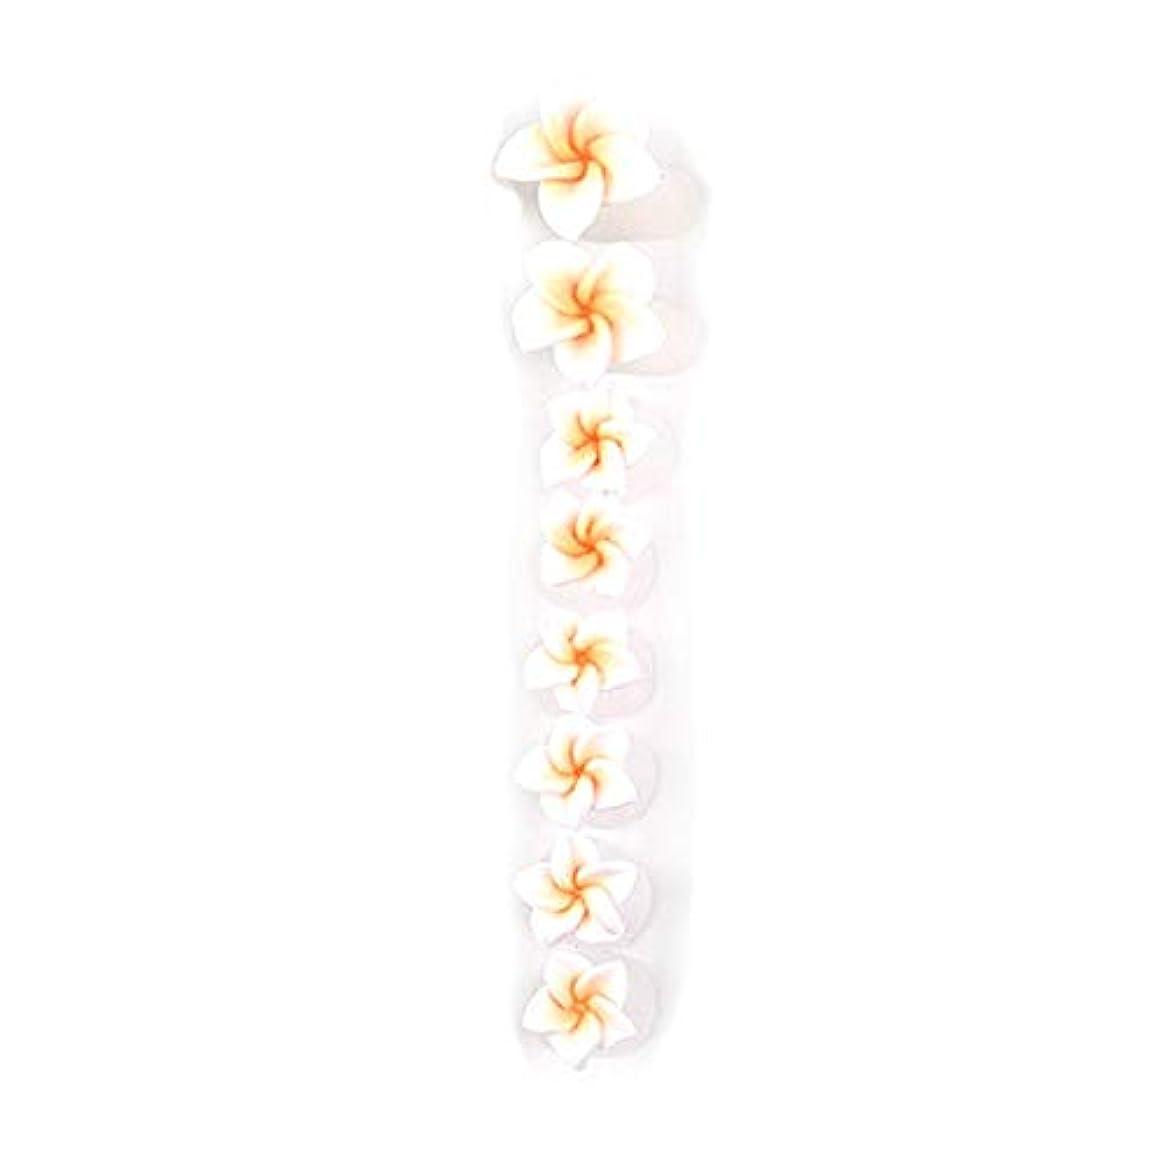 ピン居間運動8ピース/セットシリコンつま先セパレーター足つま先スペーサー花形ペディキュアDIYネイルアートツール-カラフル01#